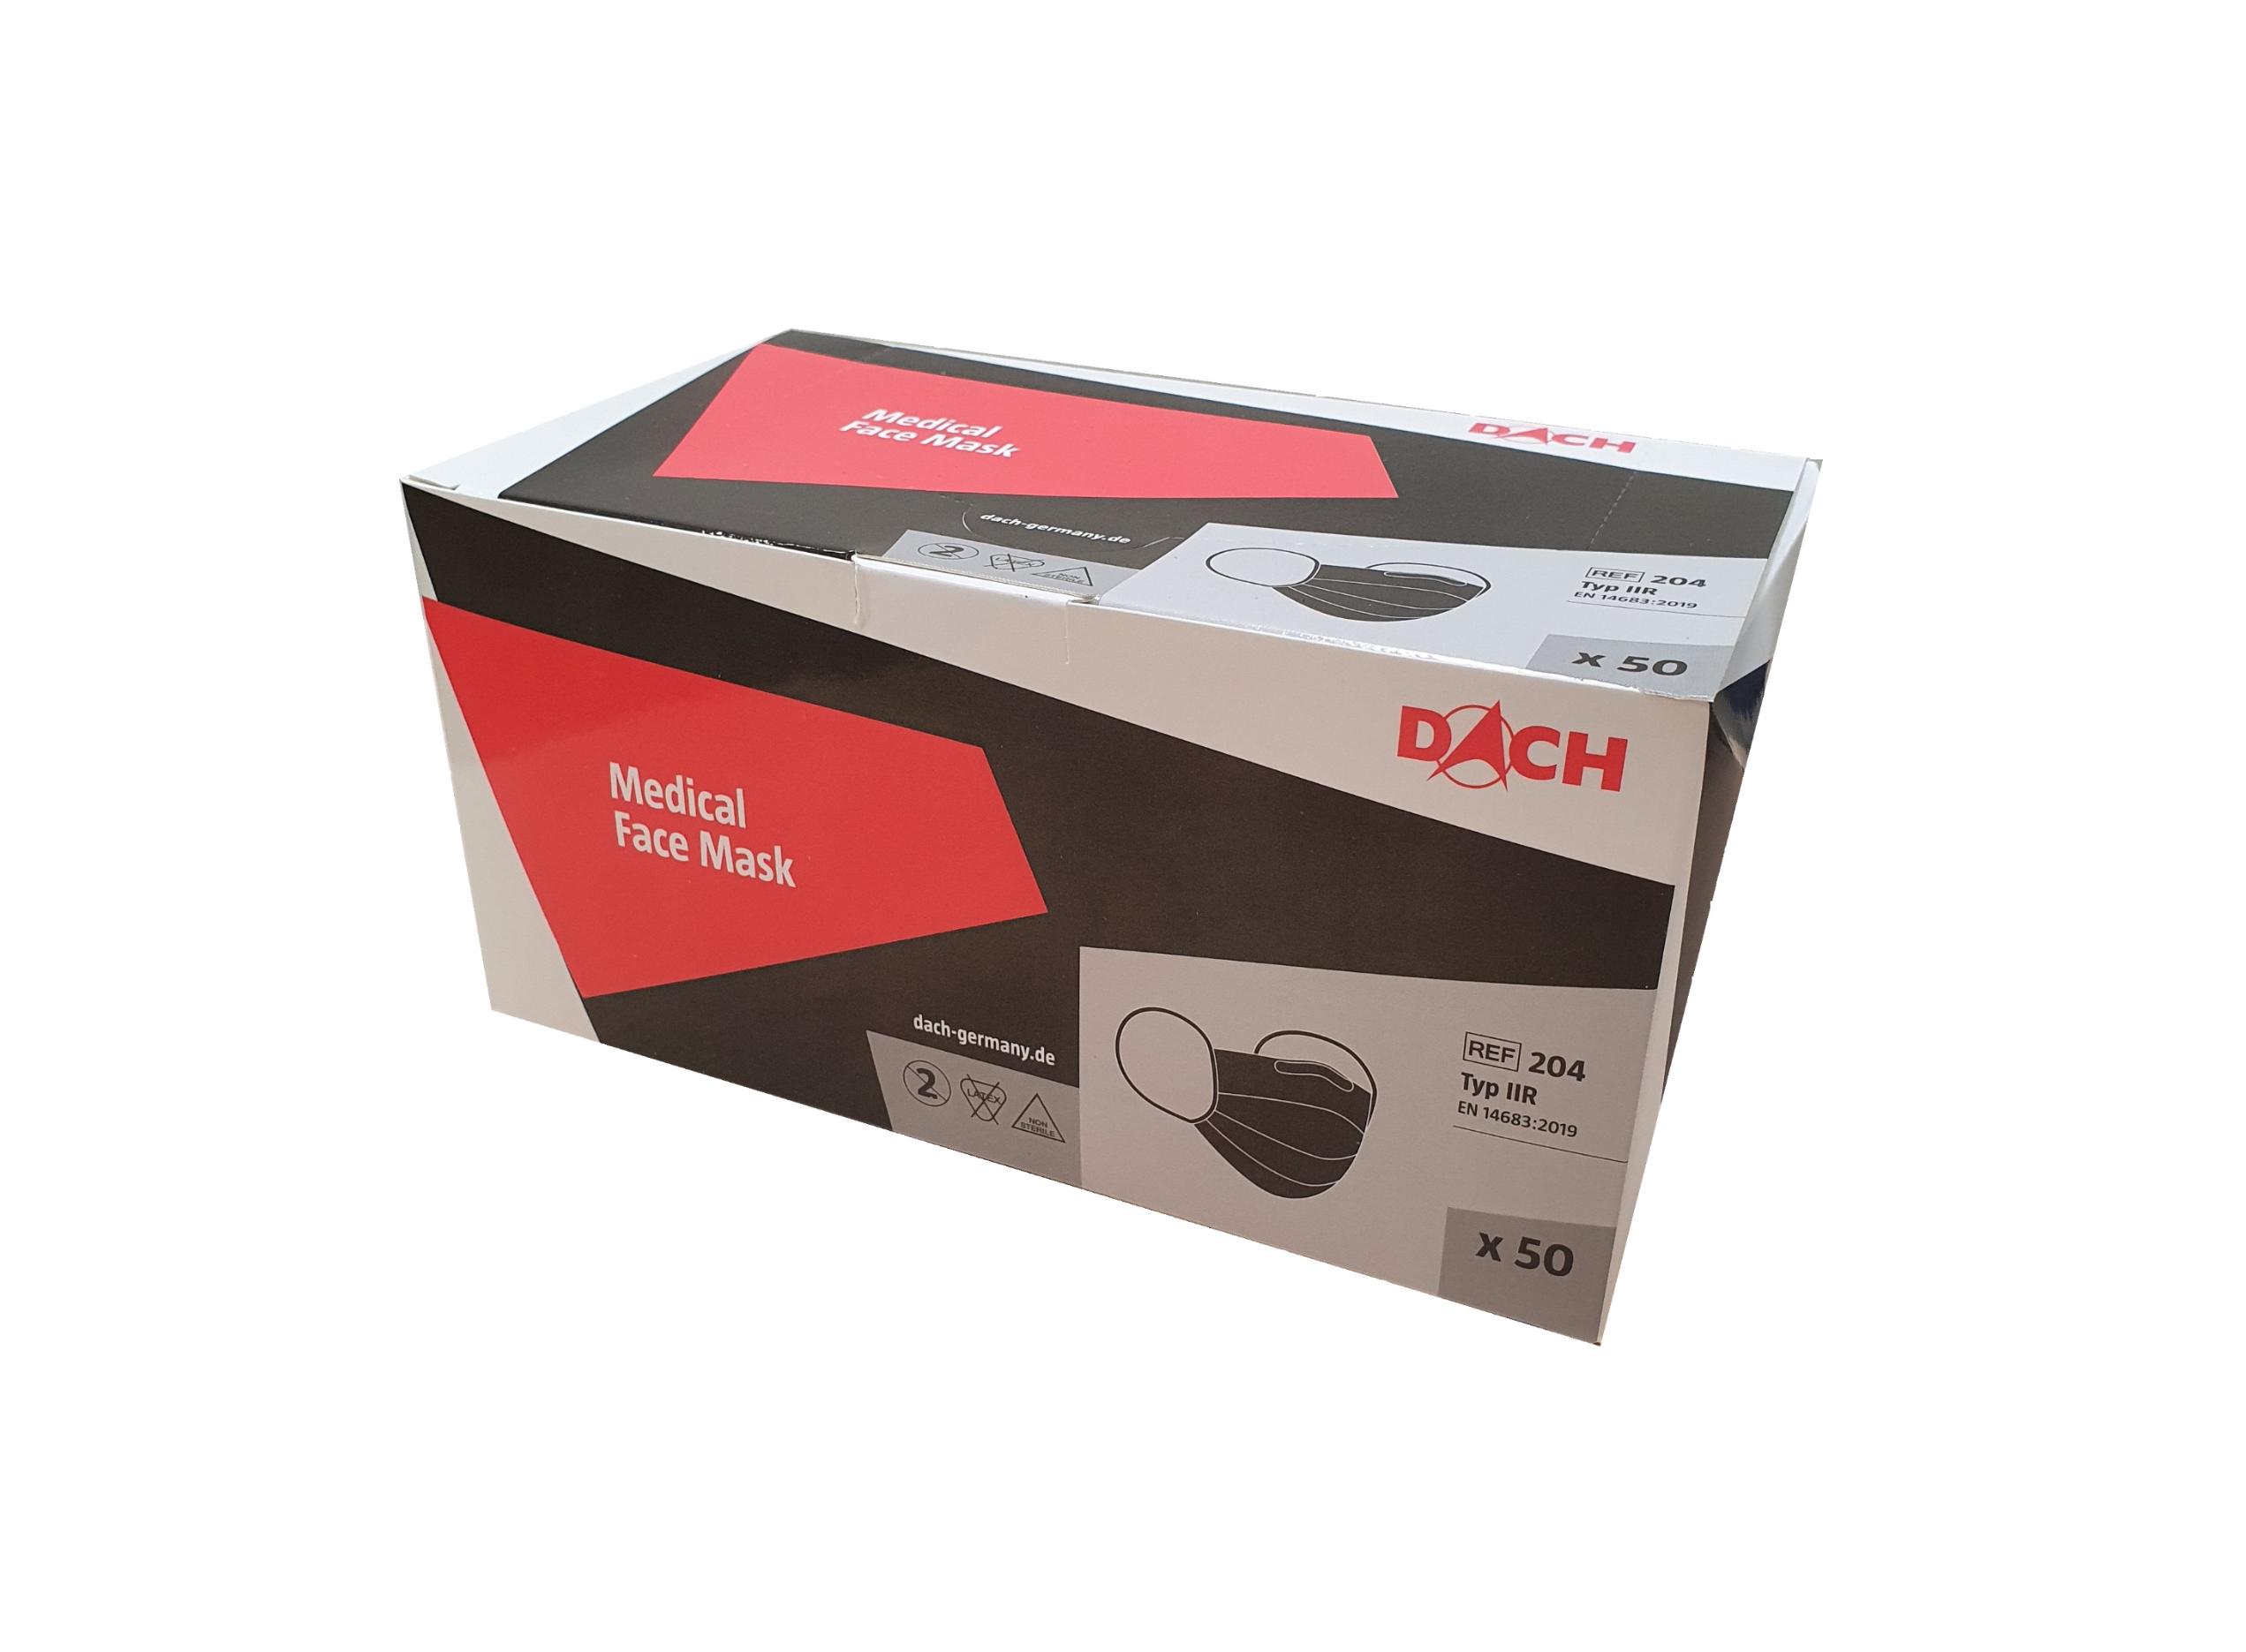 DACH - OP-Mundschutz mit Gummiband   Typ IIR